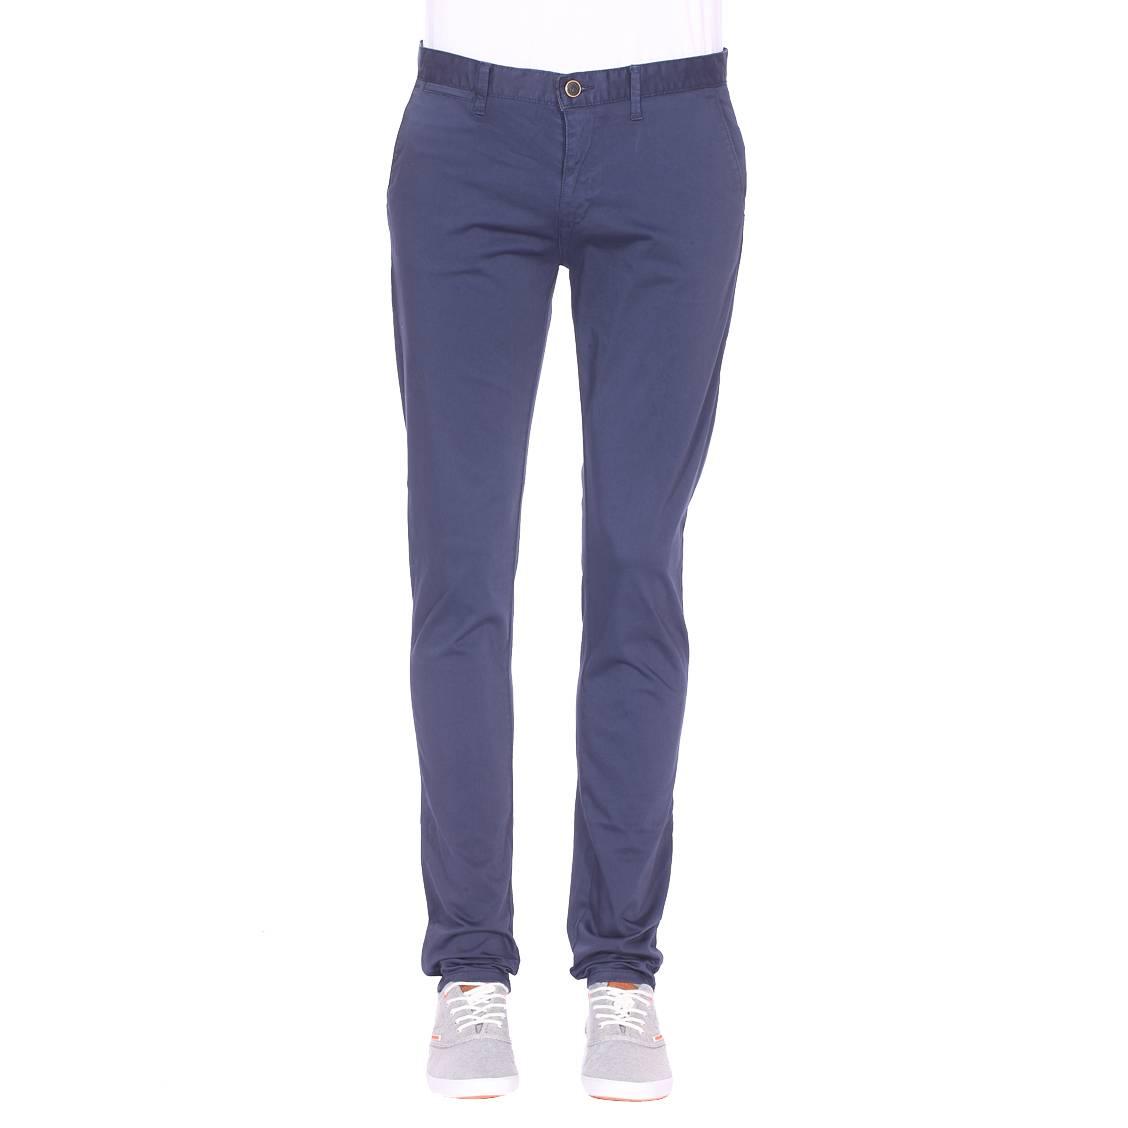 Pantalon cintré Izac Teroy bleu marine